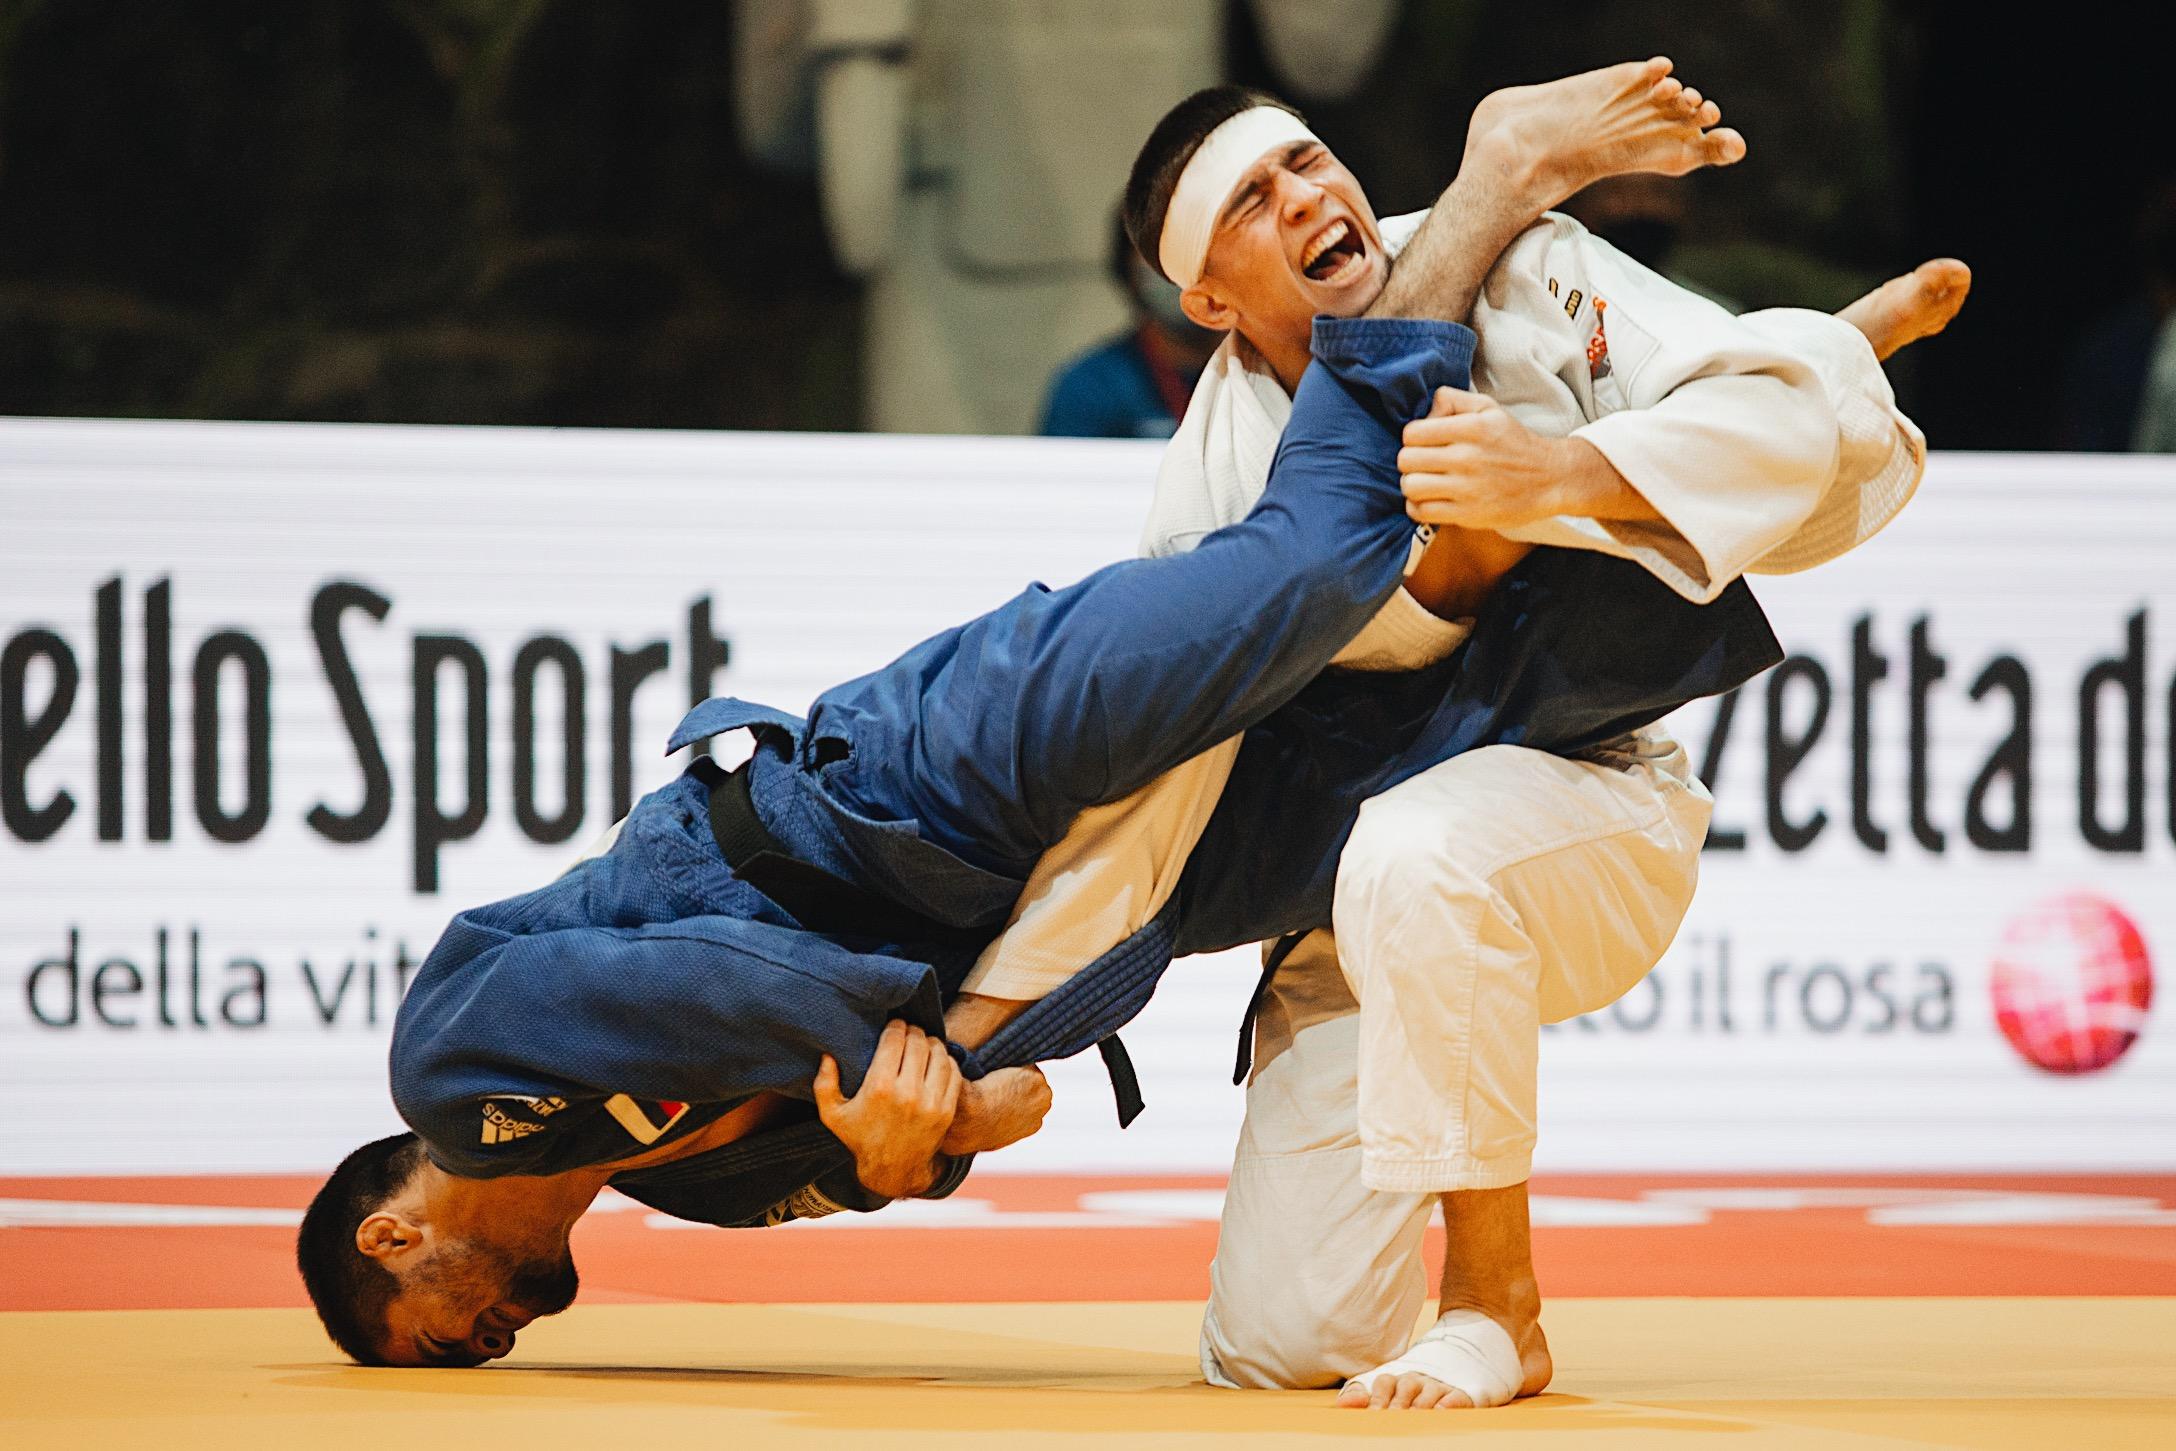 Туапсинец Абрек Нагучев стал чемпионом мира среди юниоров